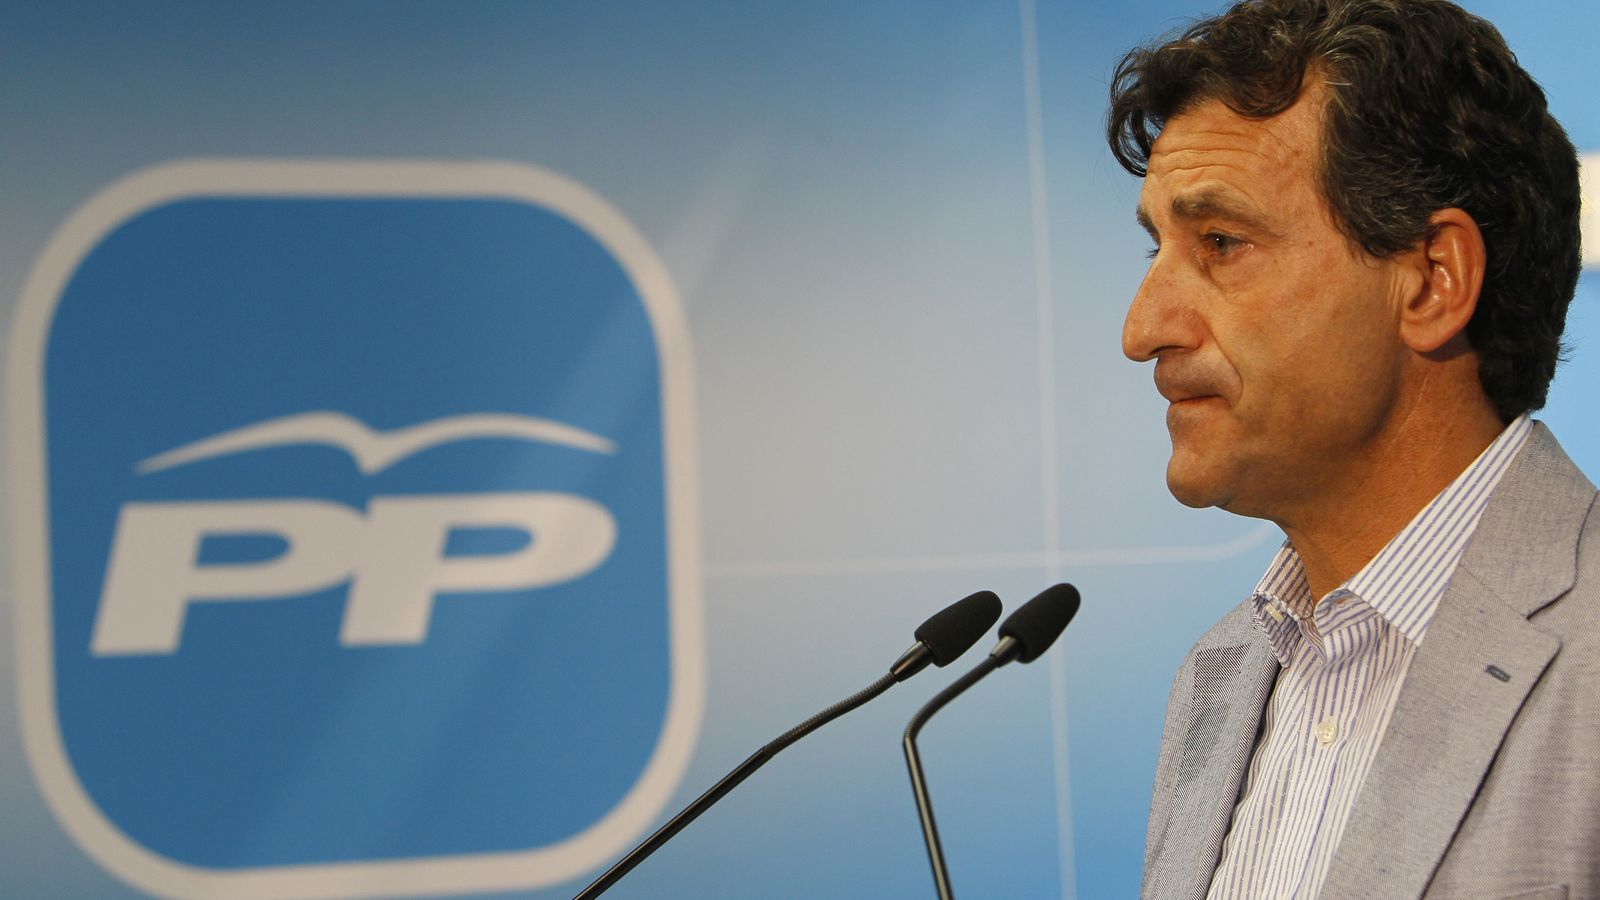 Company, s'ha mostrat neutral davant el procés per triar president estatal del partit